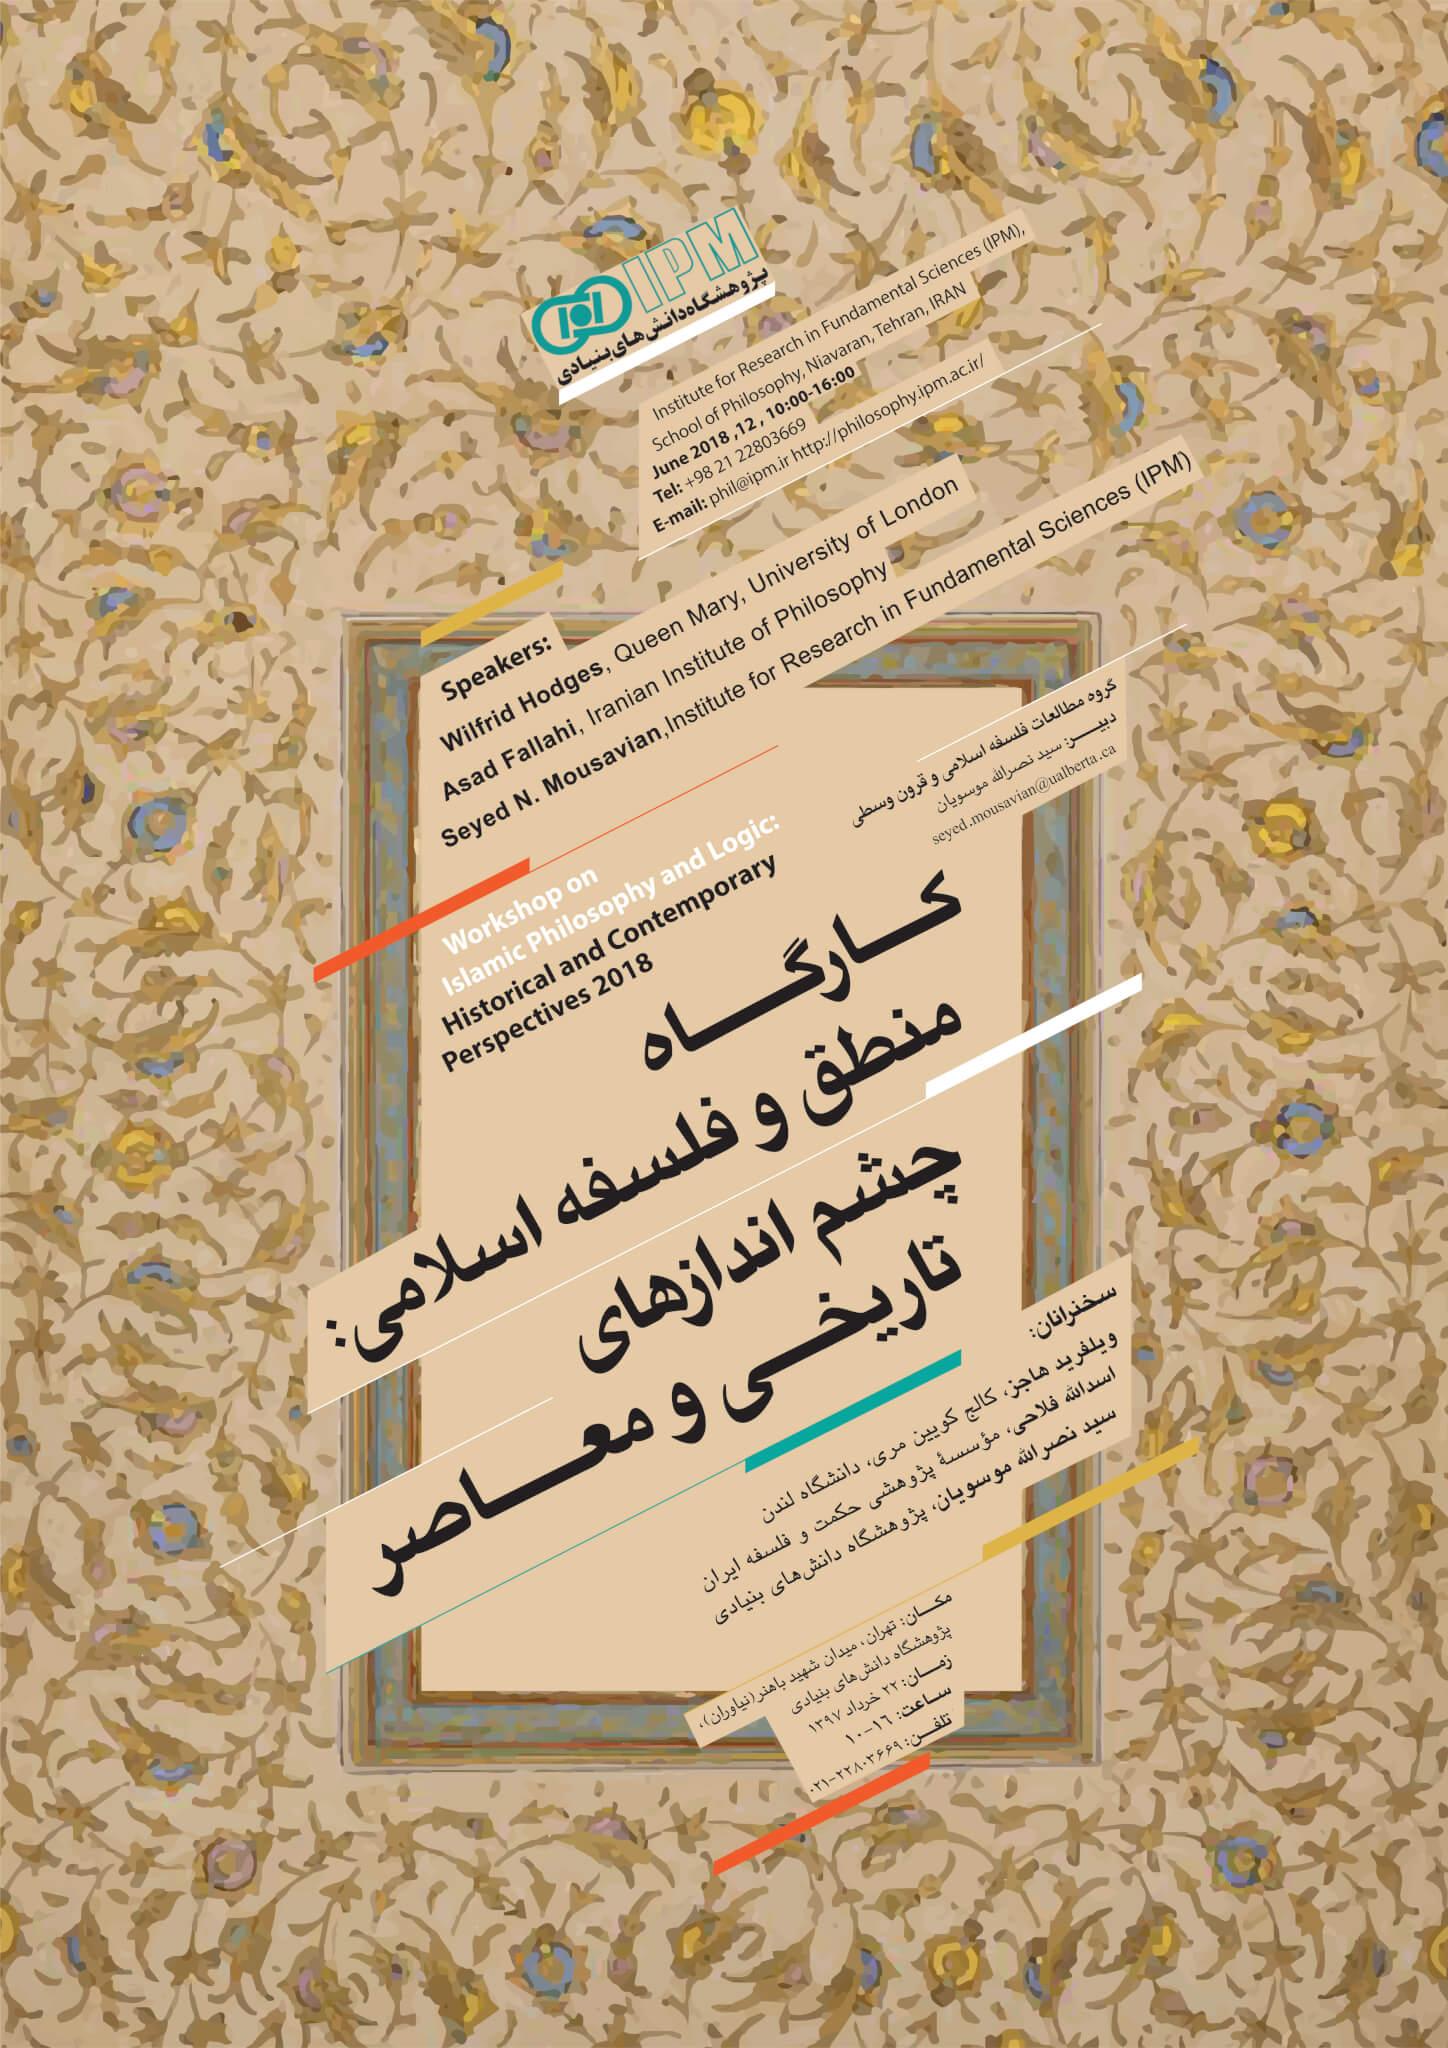 کارگاه منطق و فلسفه اسلامی: چشماندازهای تاریخی و معاصر